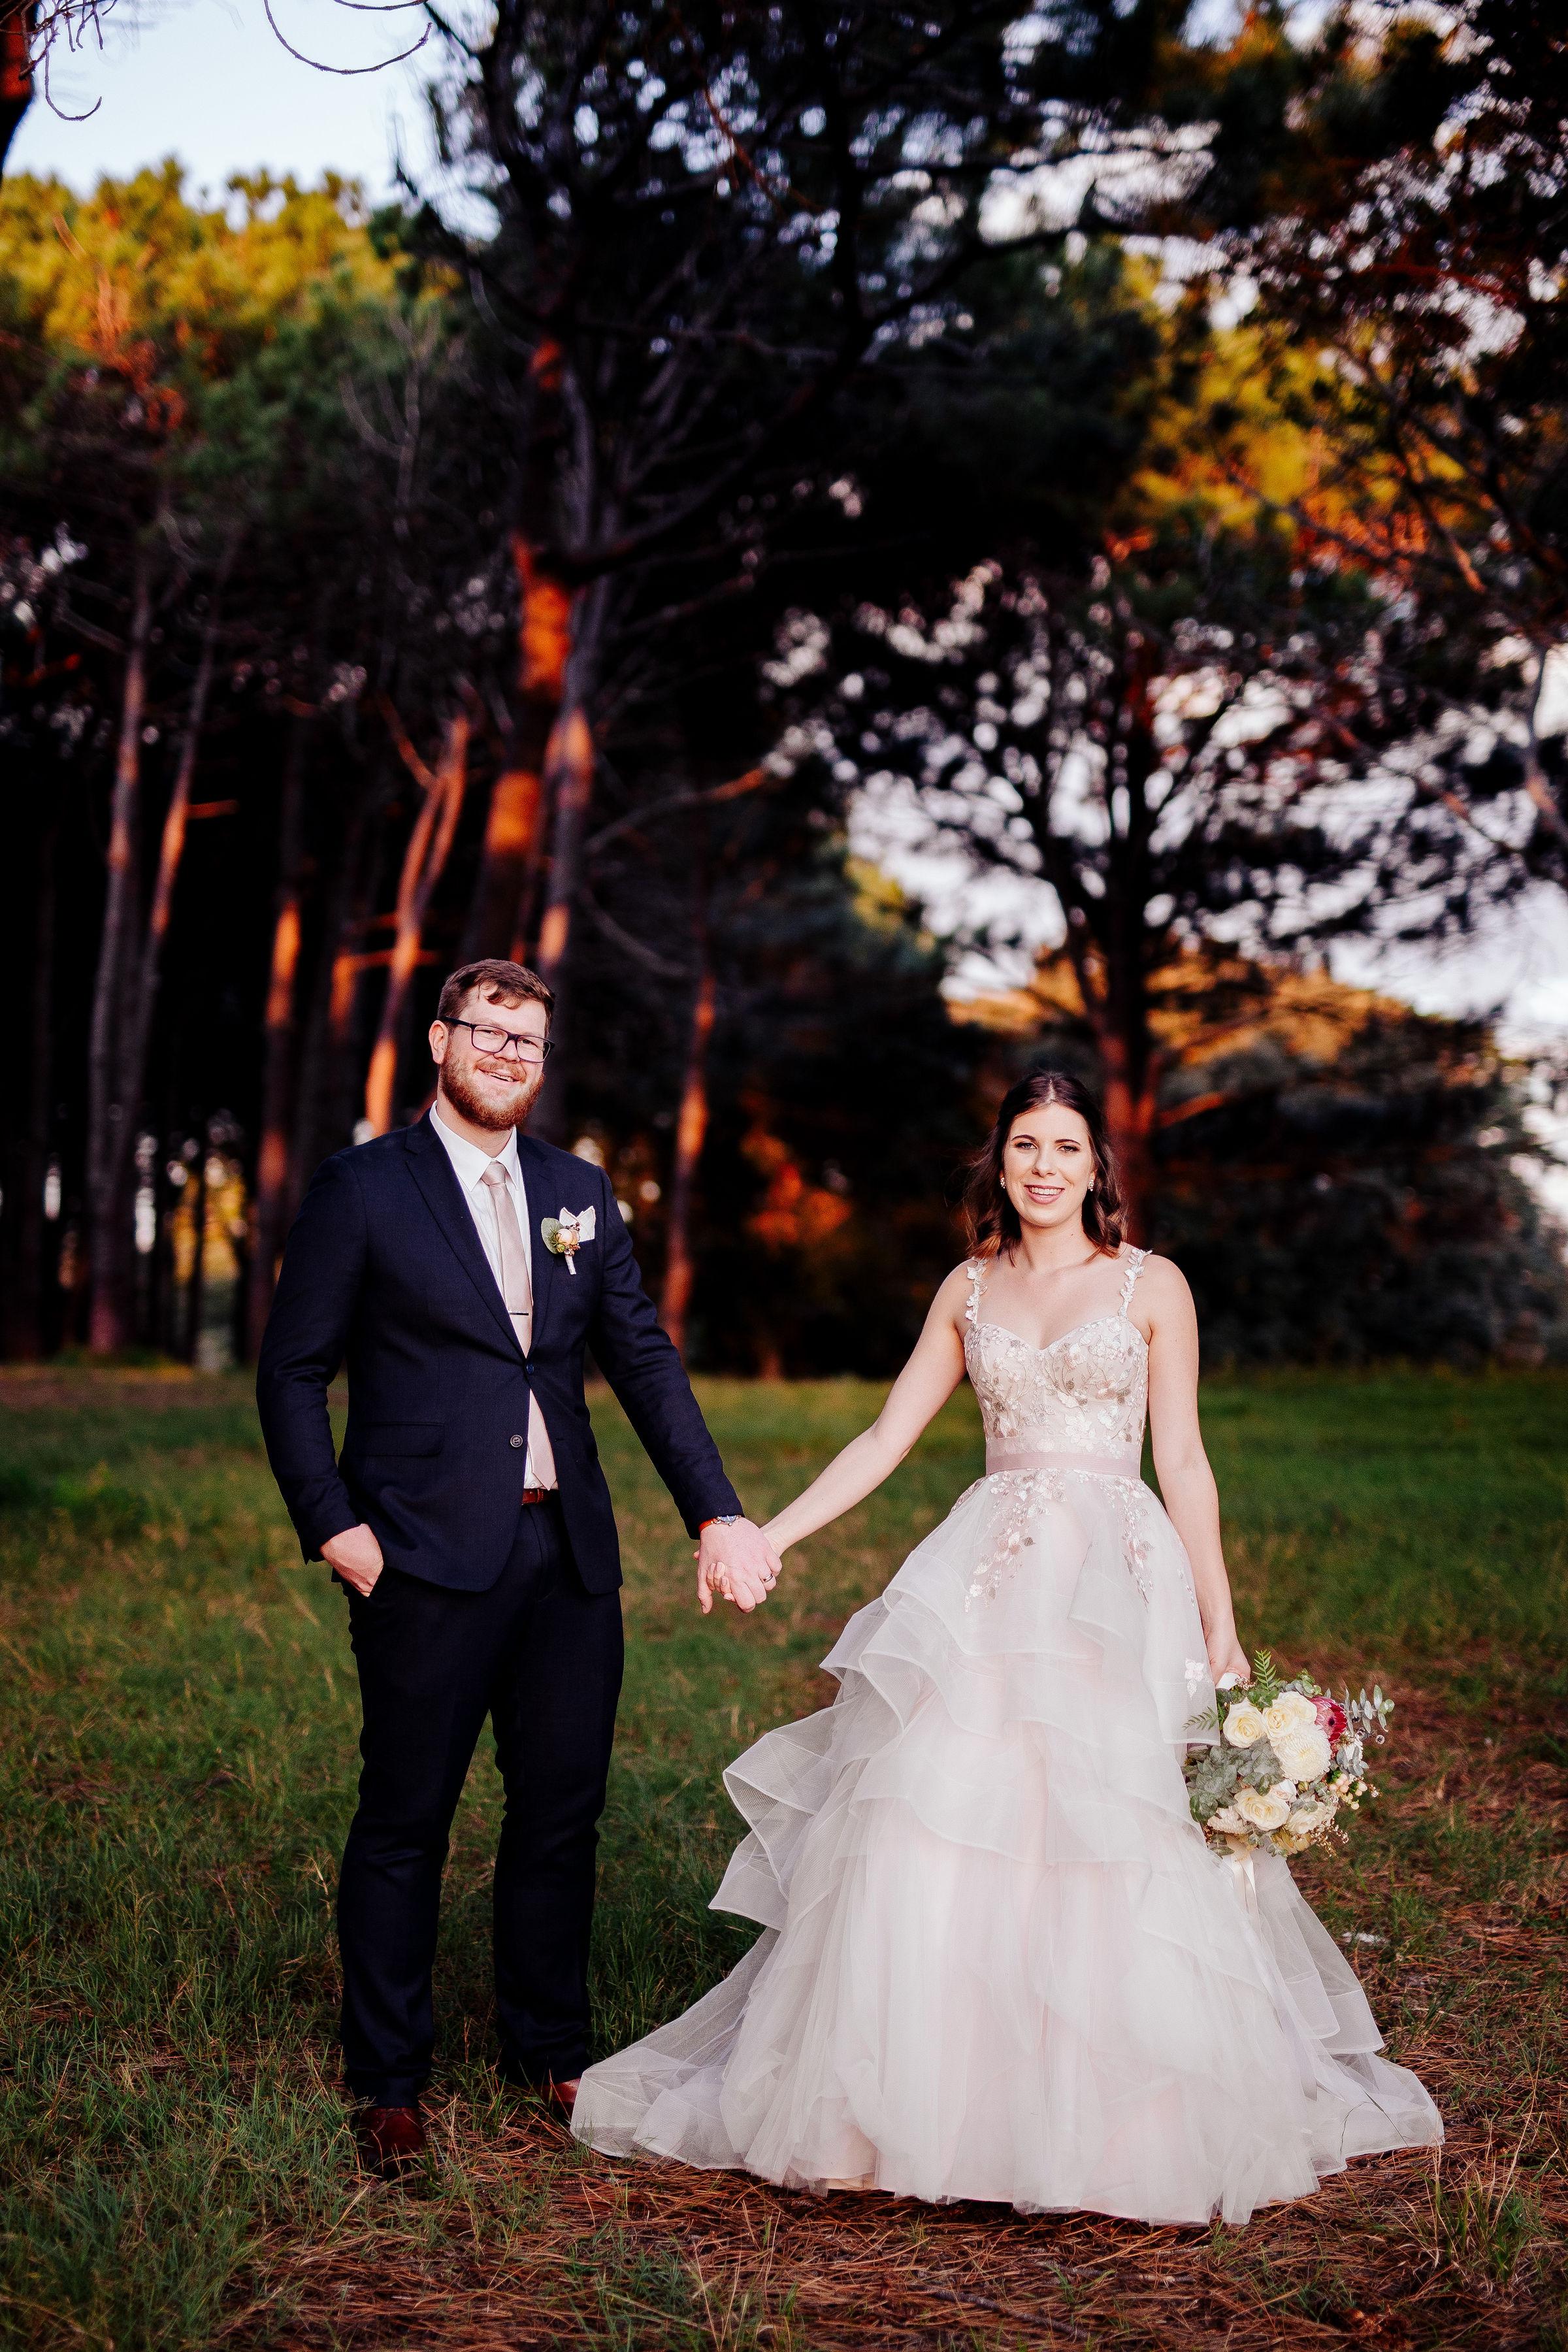 Ian & Hannah